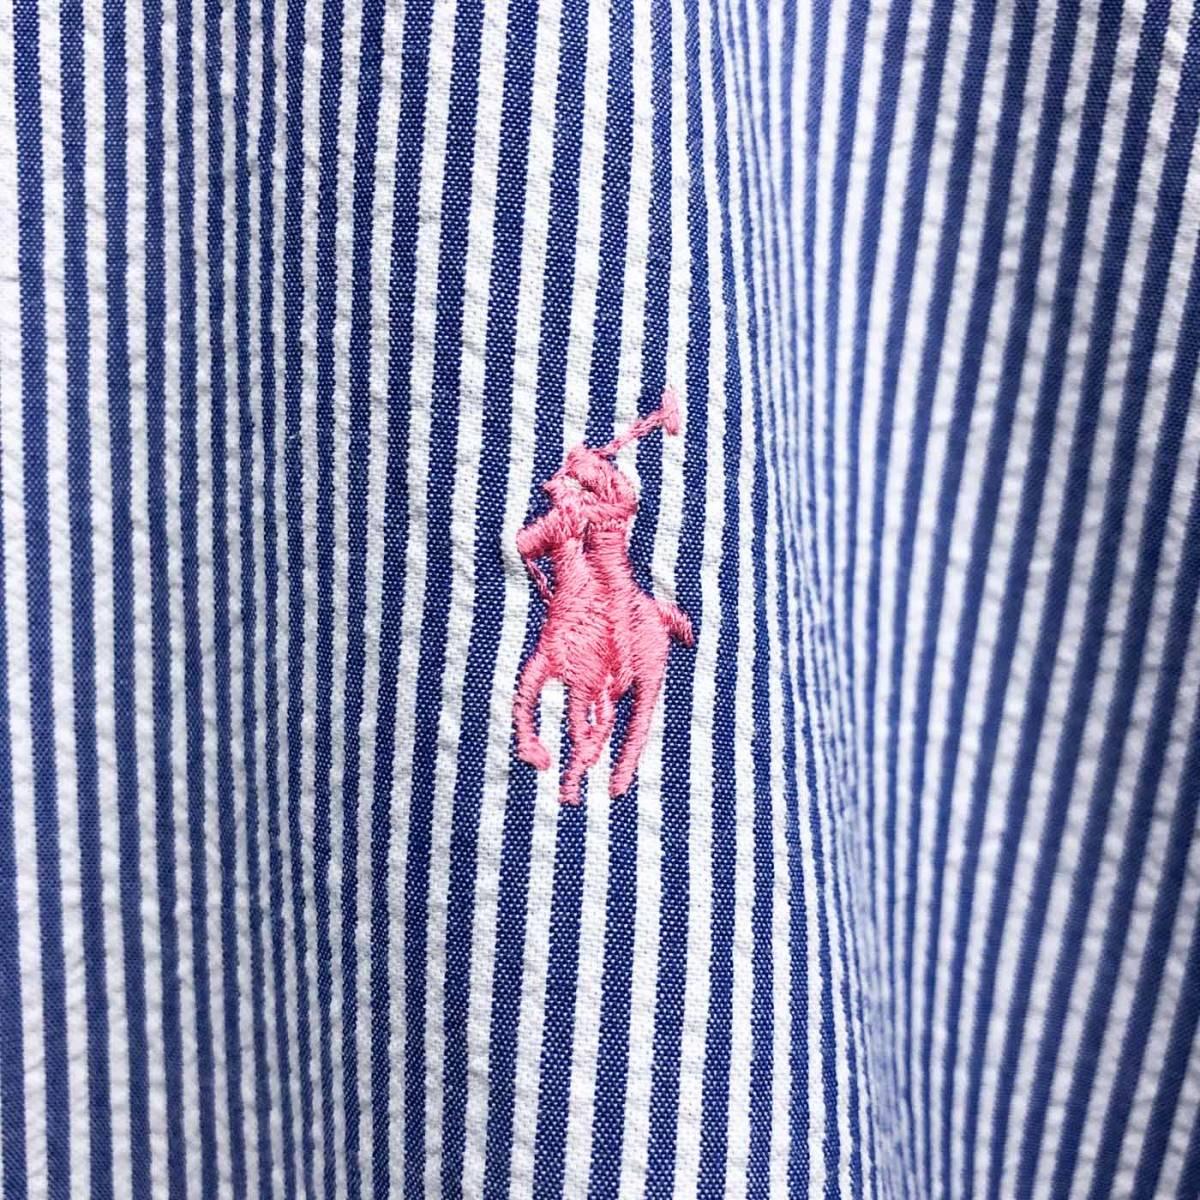 ラルフローレン POLO Ralph Lauren Polo 半袖シャツ メンズ ワンポイント XLサイズ 7-158_画像4